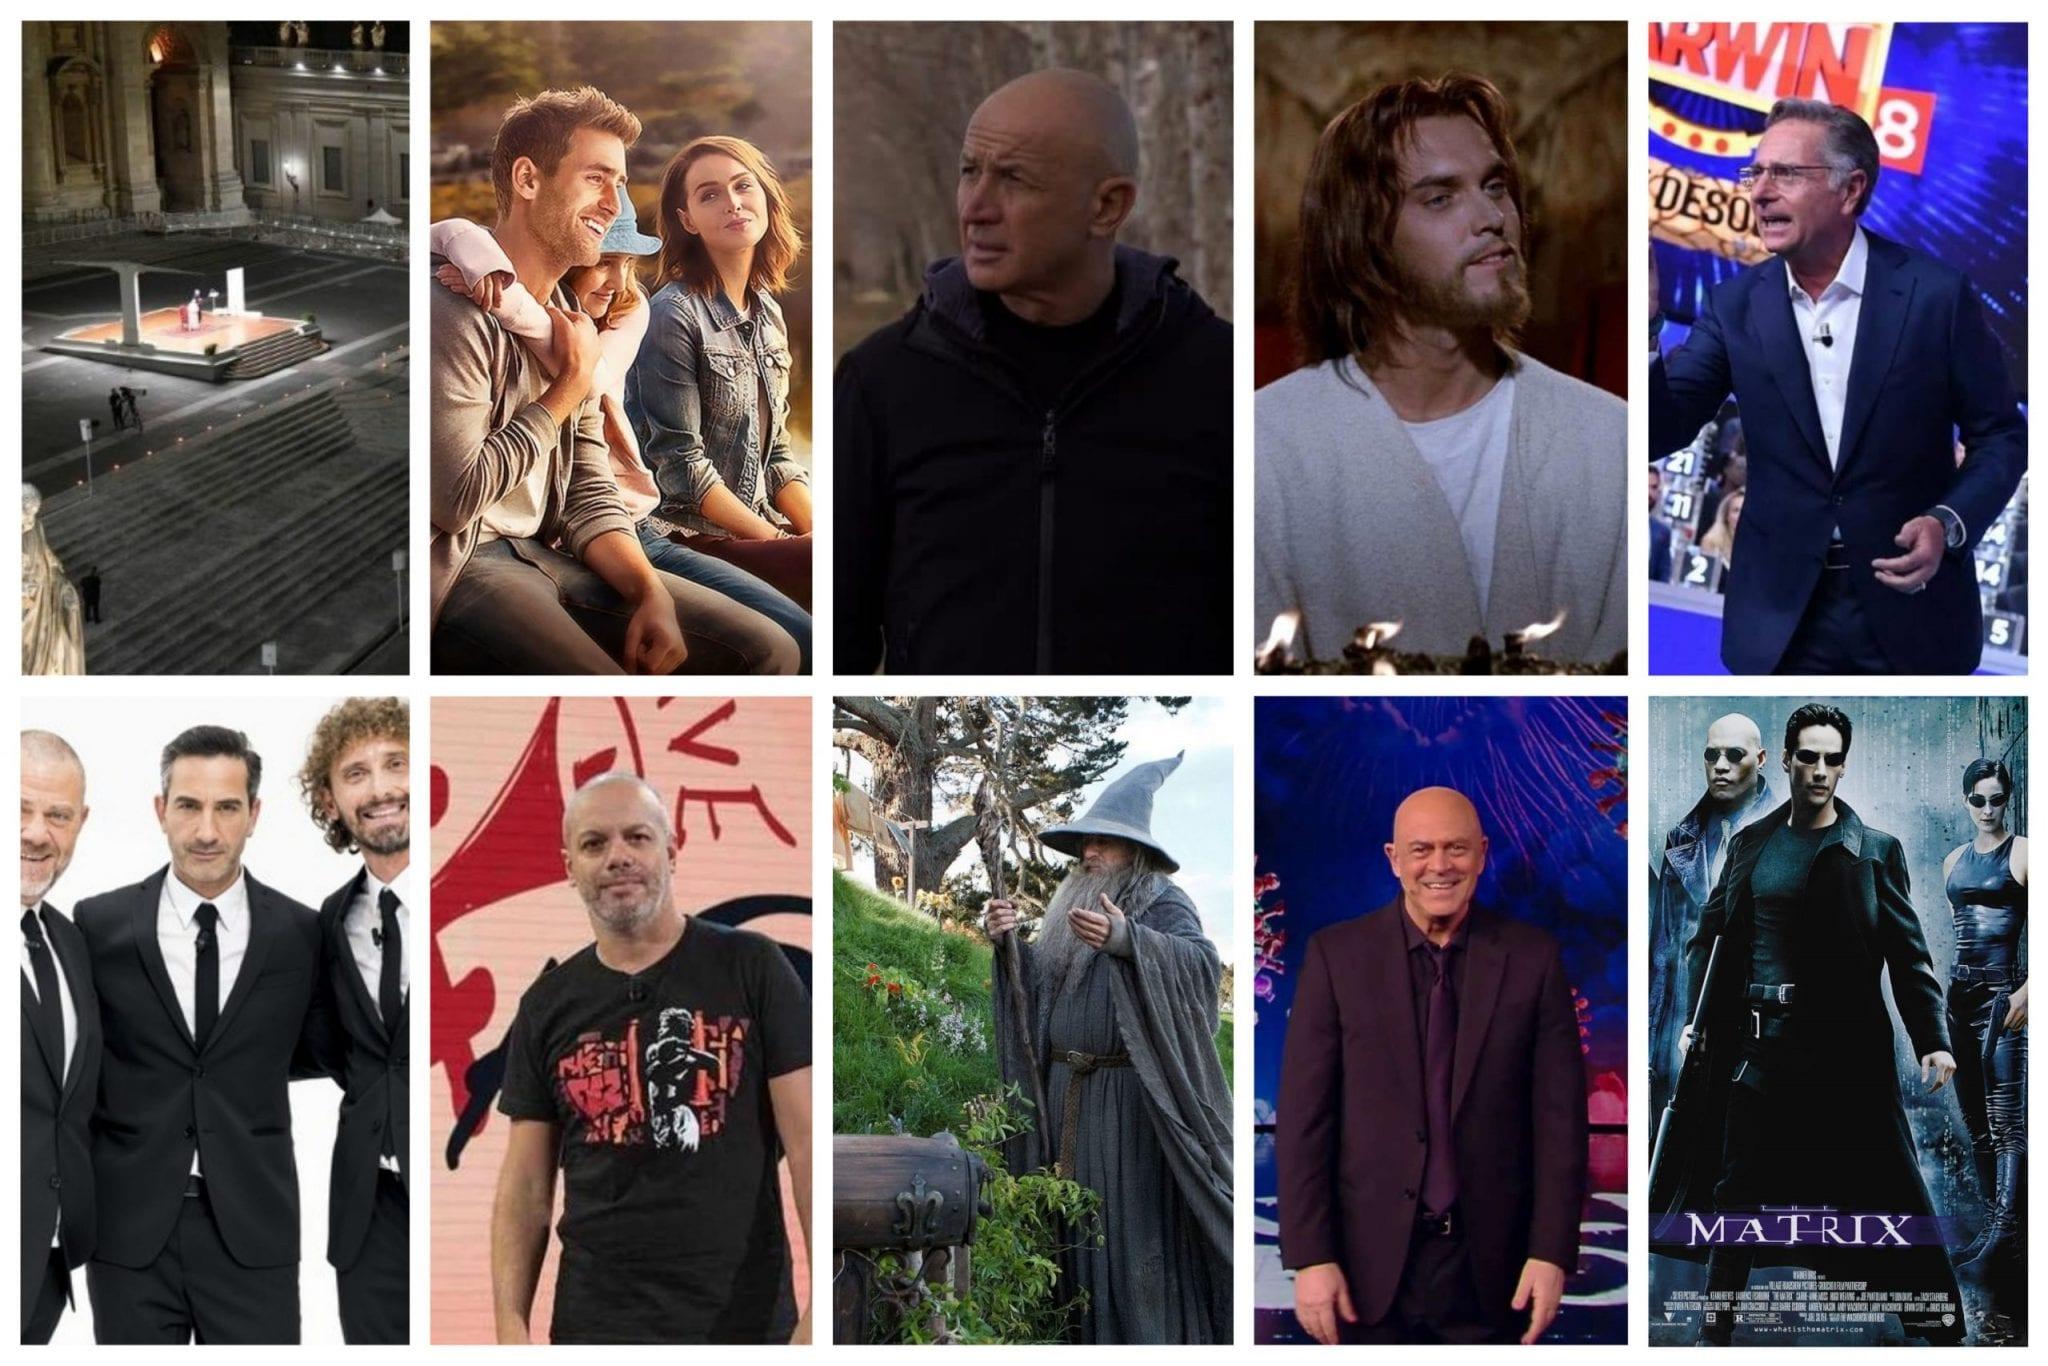 GuidaTV 2 Aprile 2021: Il Rito della Via Crucis, Ciao Darwin, Le Iene, Quello che veramente importa, Il Re dei Re, L'Odissea, Propaganda Live, Matrix